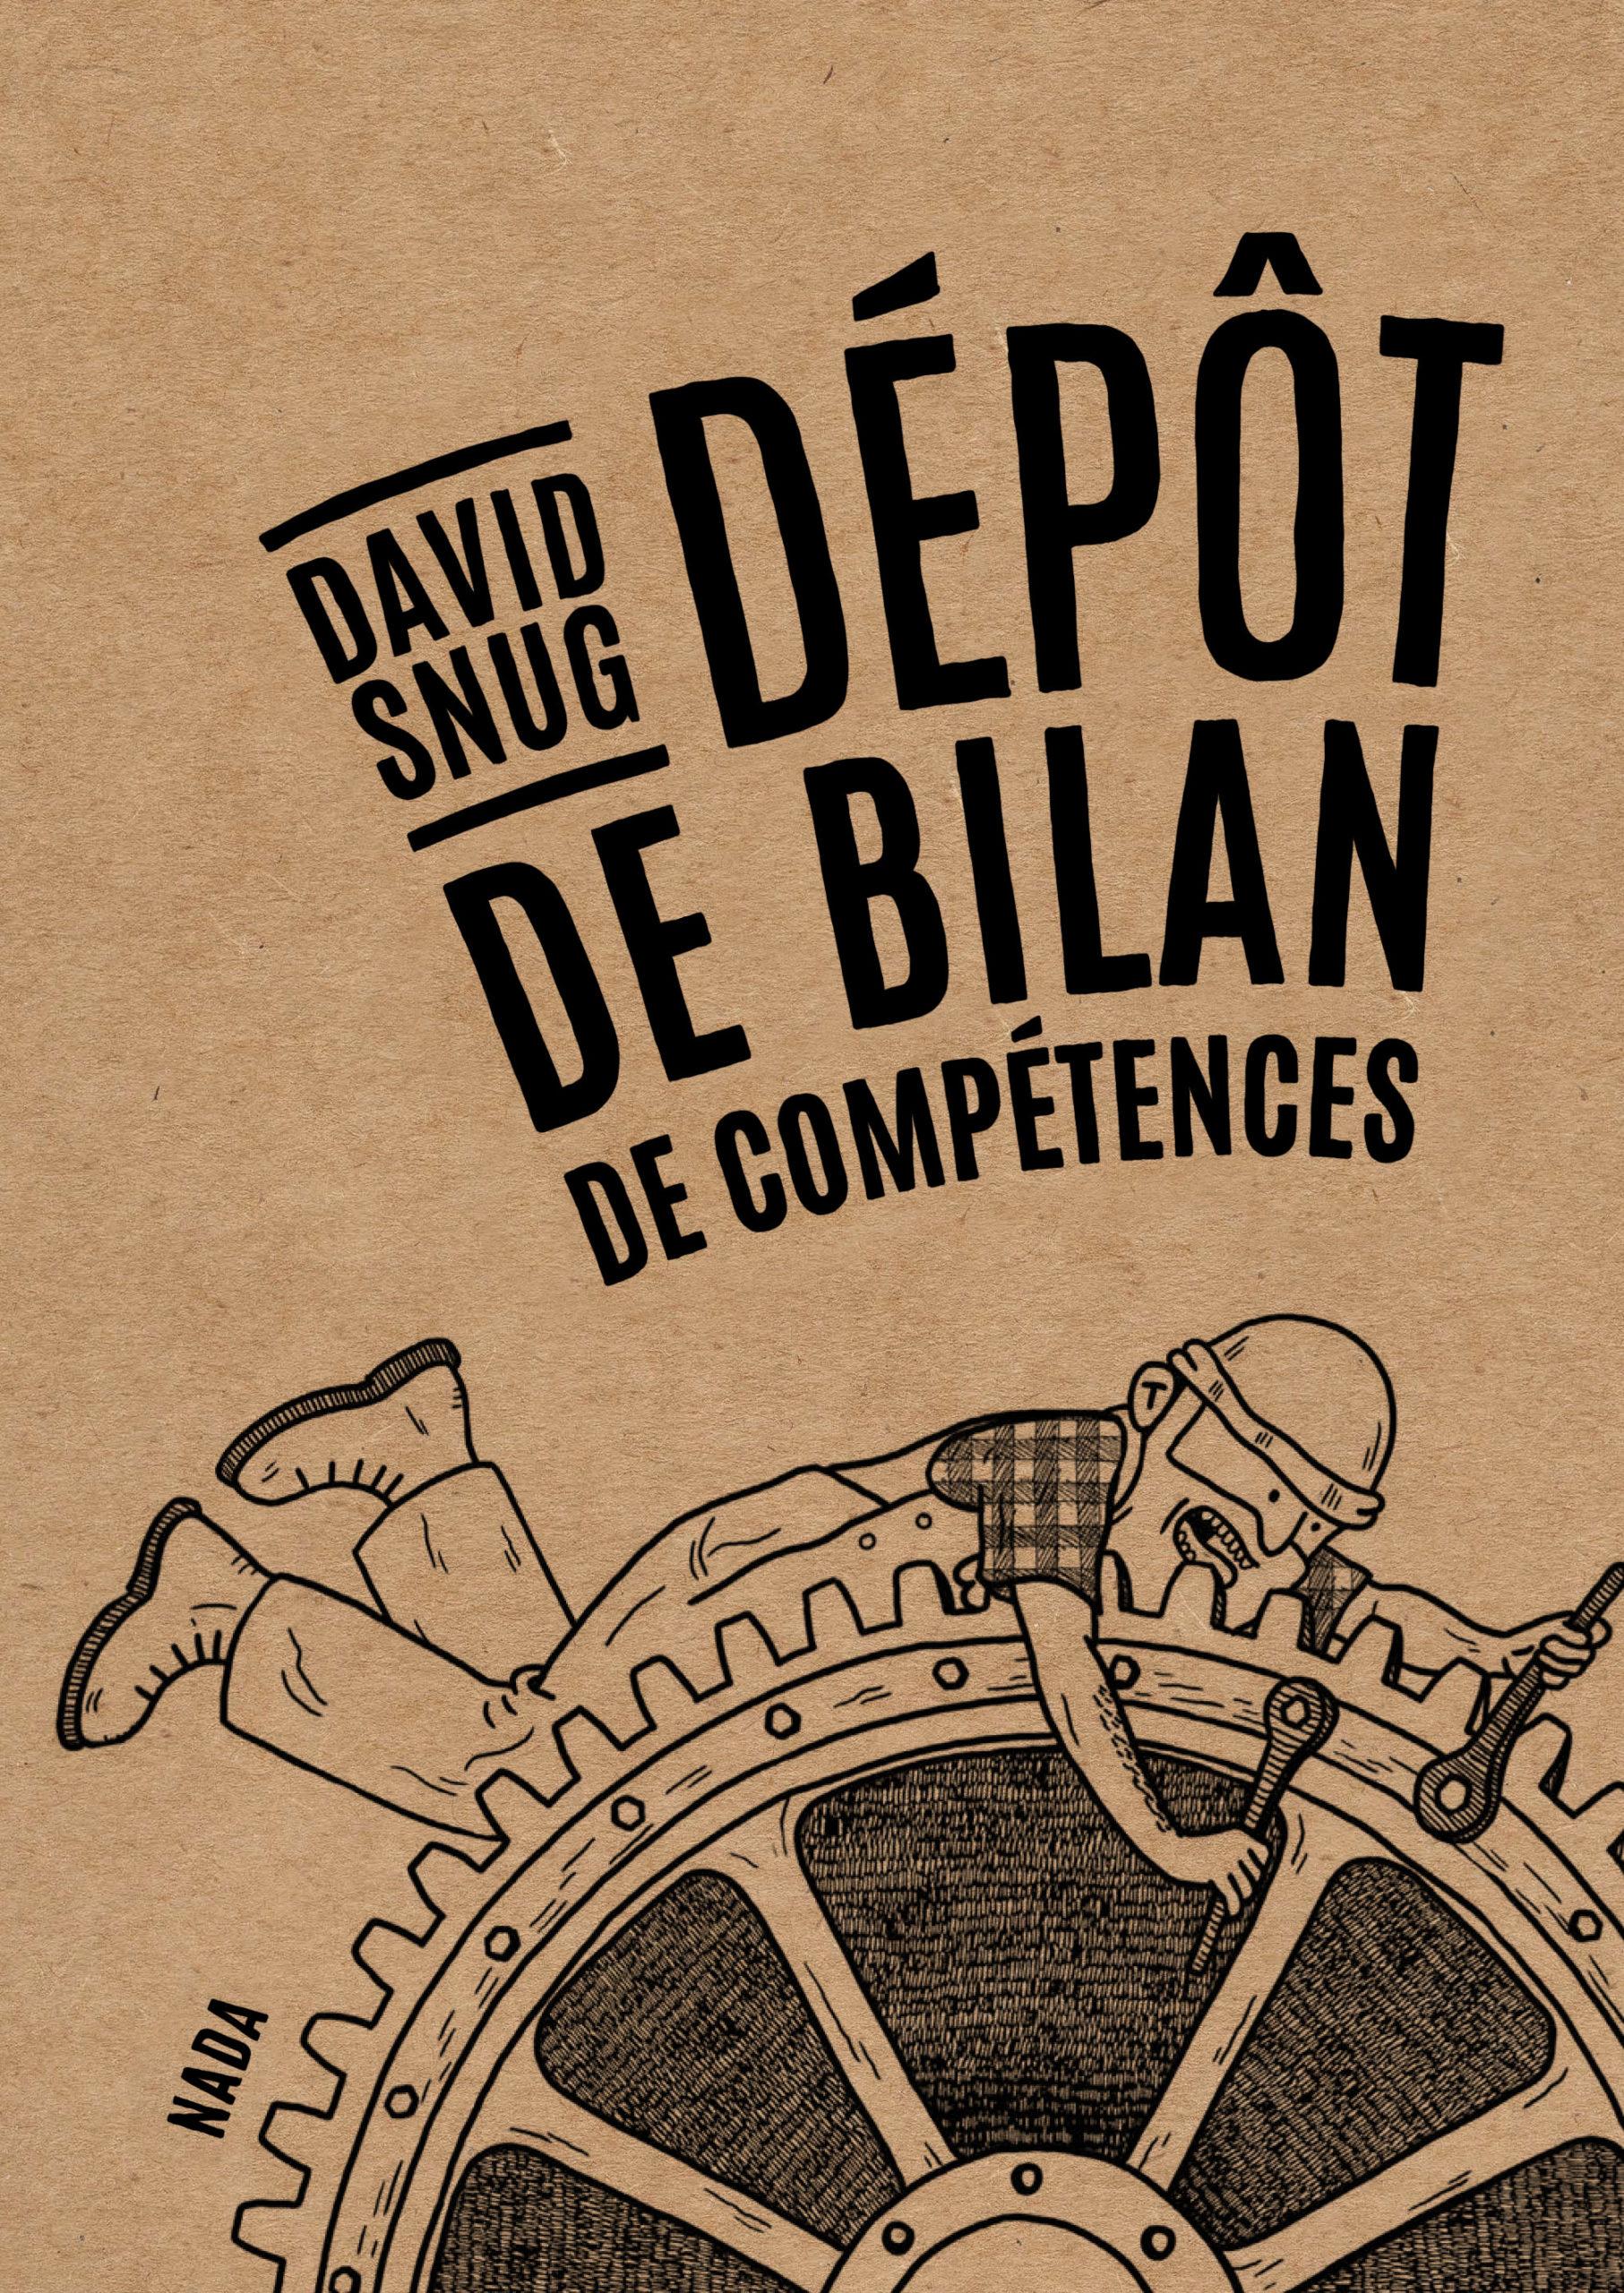 Dépôt de bilan de compétences, de David Snug